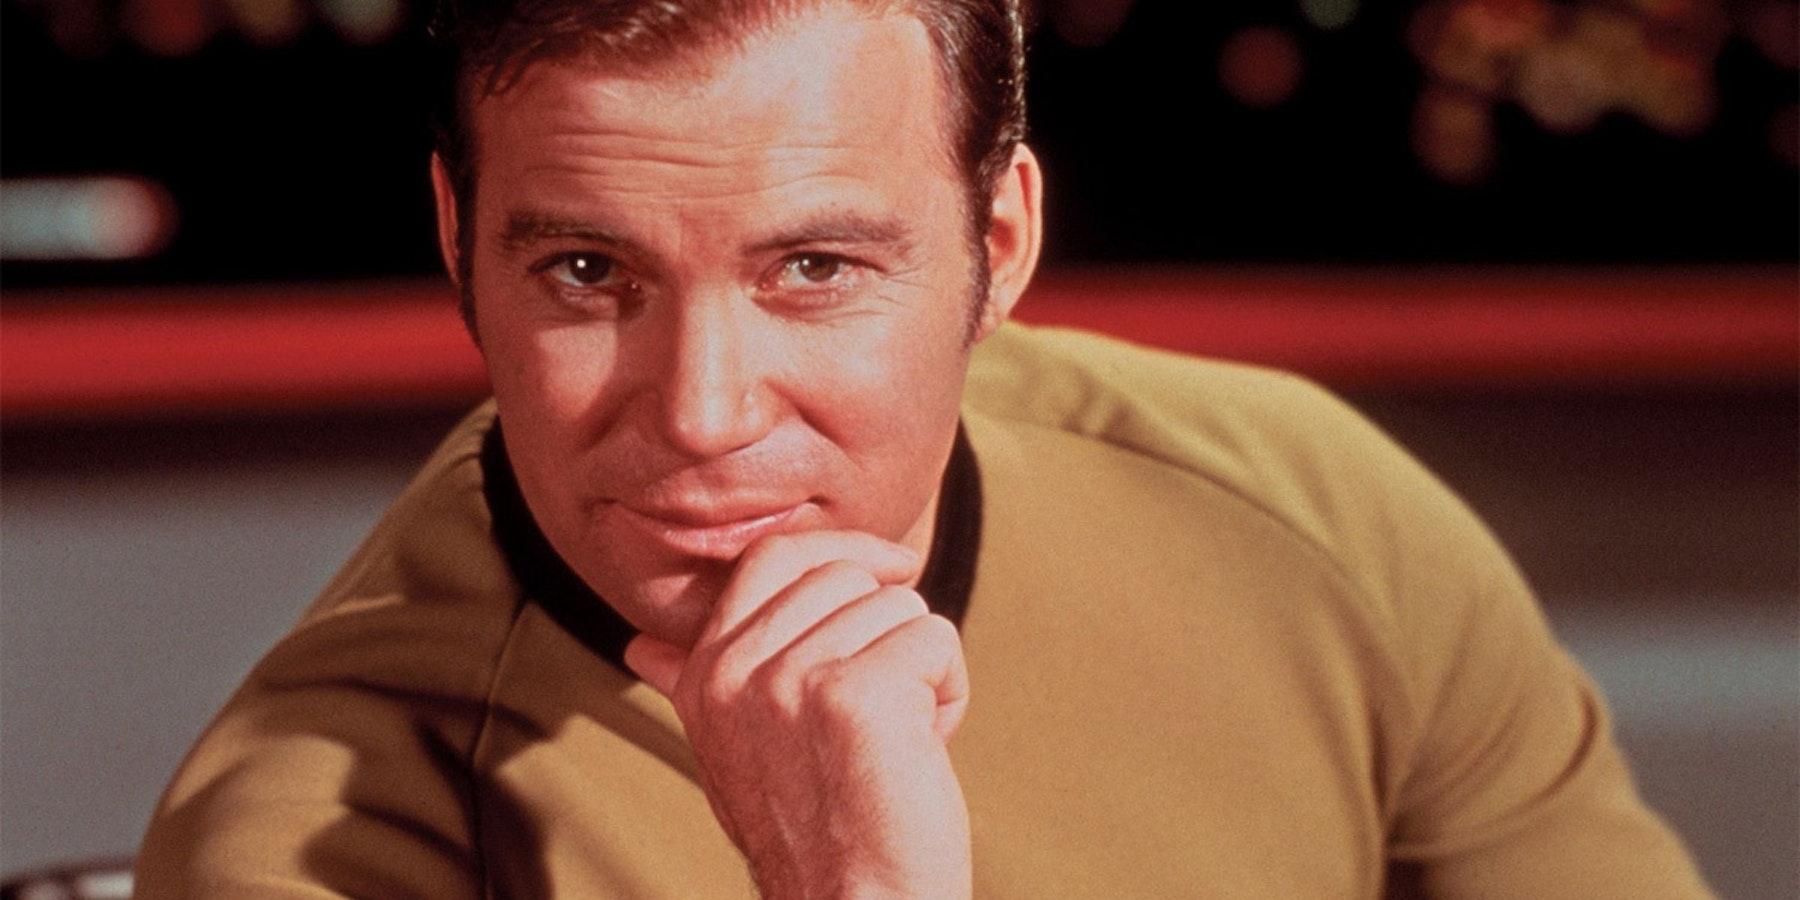 William Shatner as James Tiberius Kirk